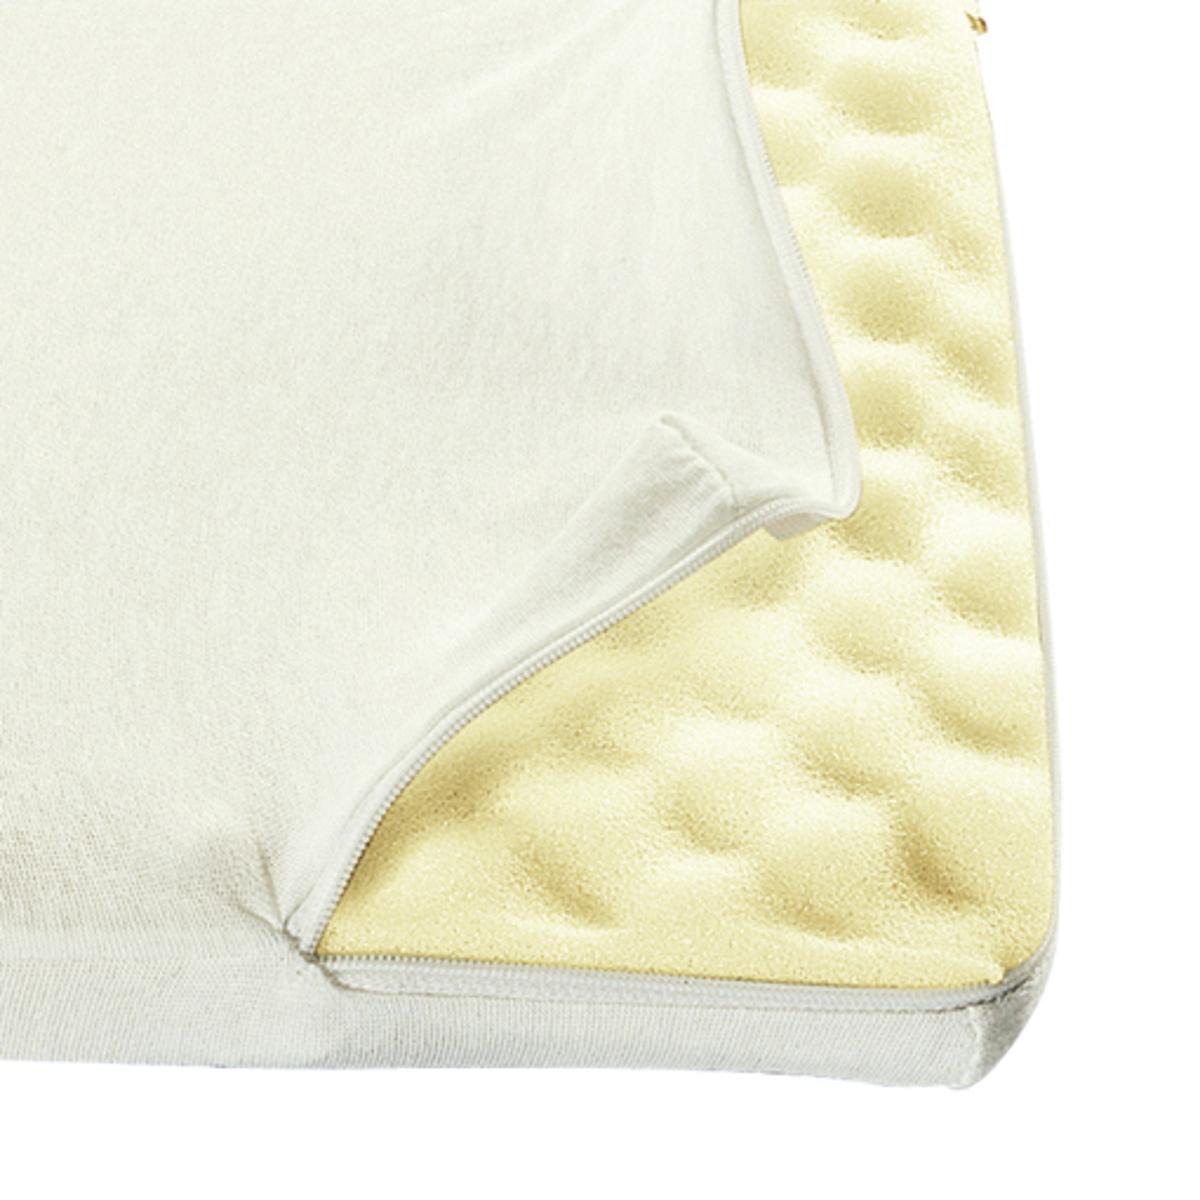 Наматрасник из джерси для верхнего анатомического матрасаЦельный наматрасник для верхнего матраса: надежная защита постельного белья! Описание :Цельный наматрасник для верхнего матраса.Эластичный джерси, 100% хлопок.Характеристики :Застежка на молнию.Машинная стирка при 60 °С.Разнообразие товаров для сна на сайте laredoute.ru<br><br>Цвет: слоновая кость